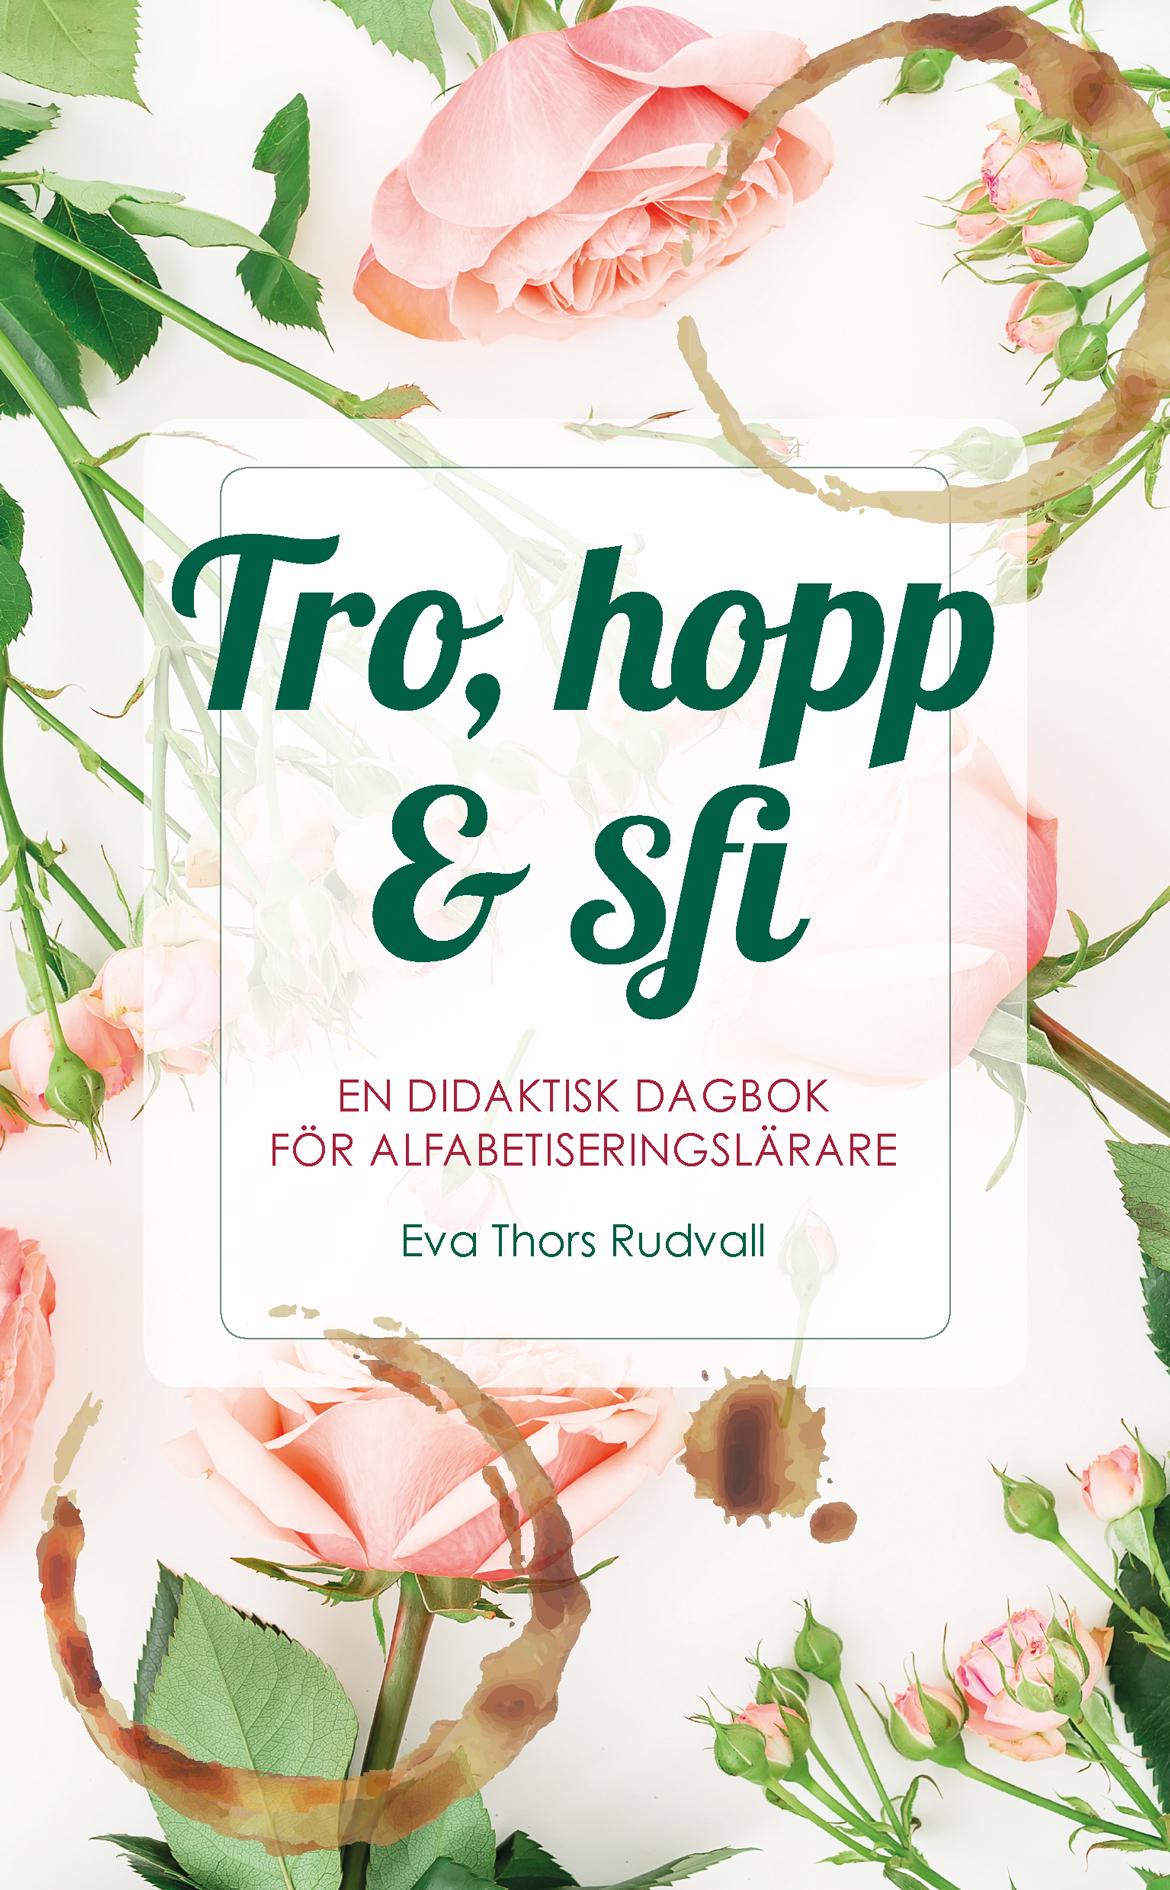 Tro, hopp & sfi